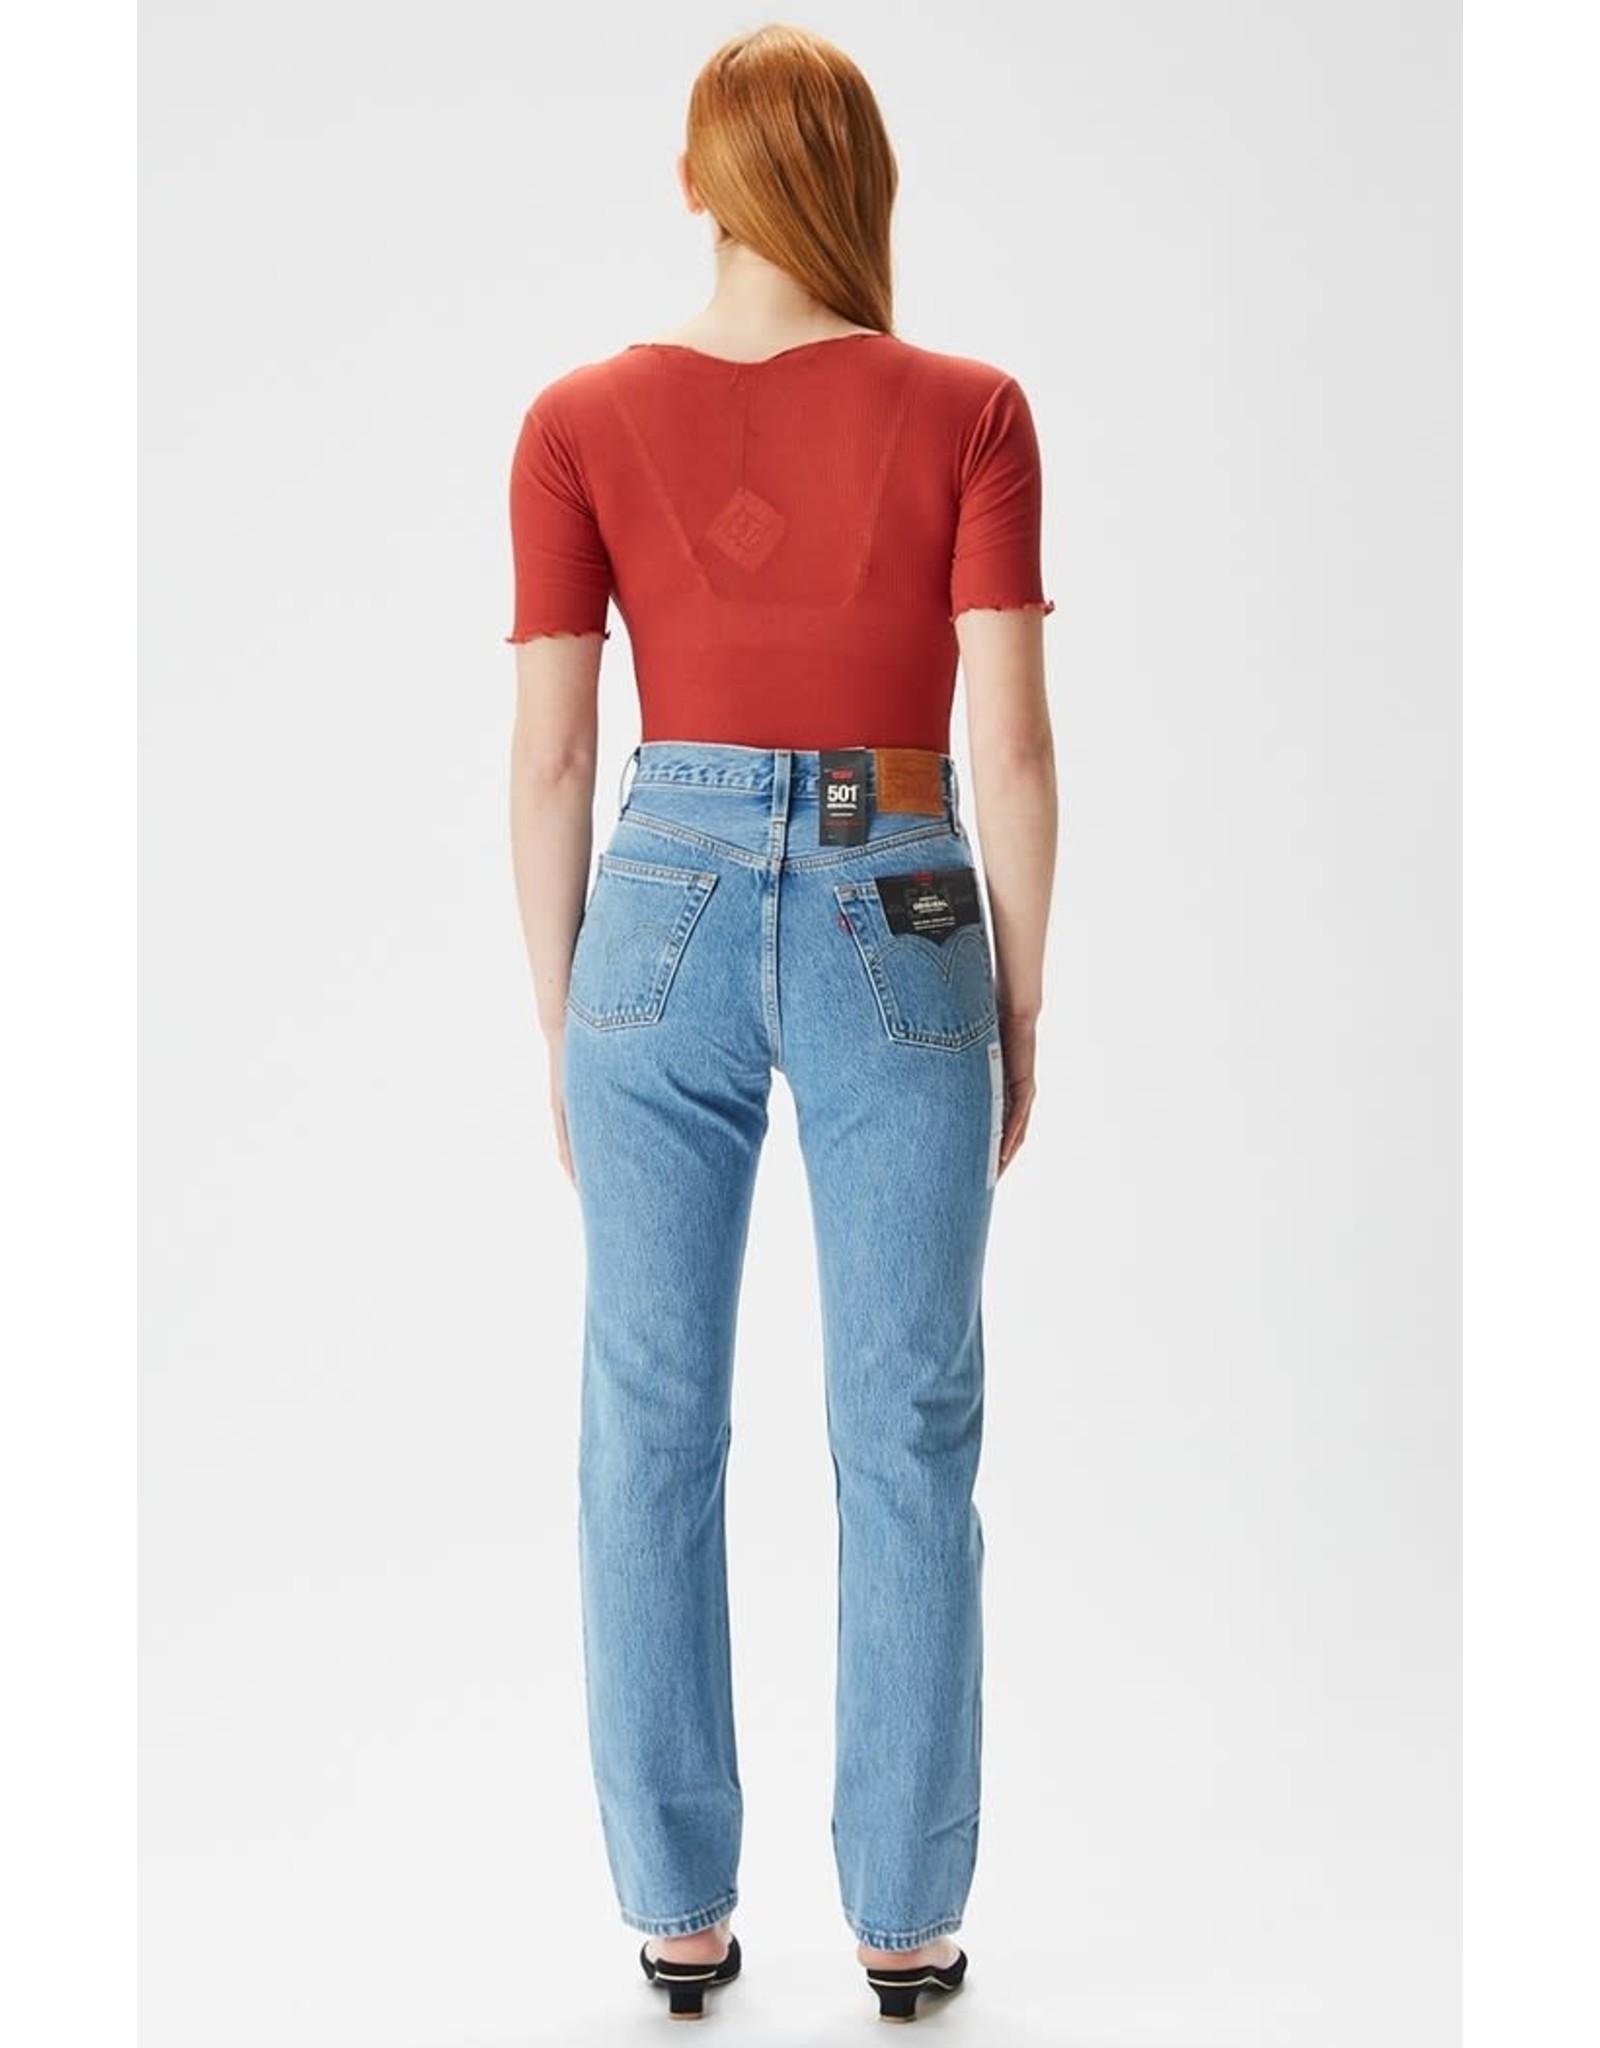 Levi's - jeans 501 original fit